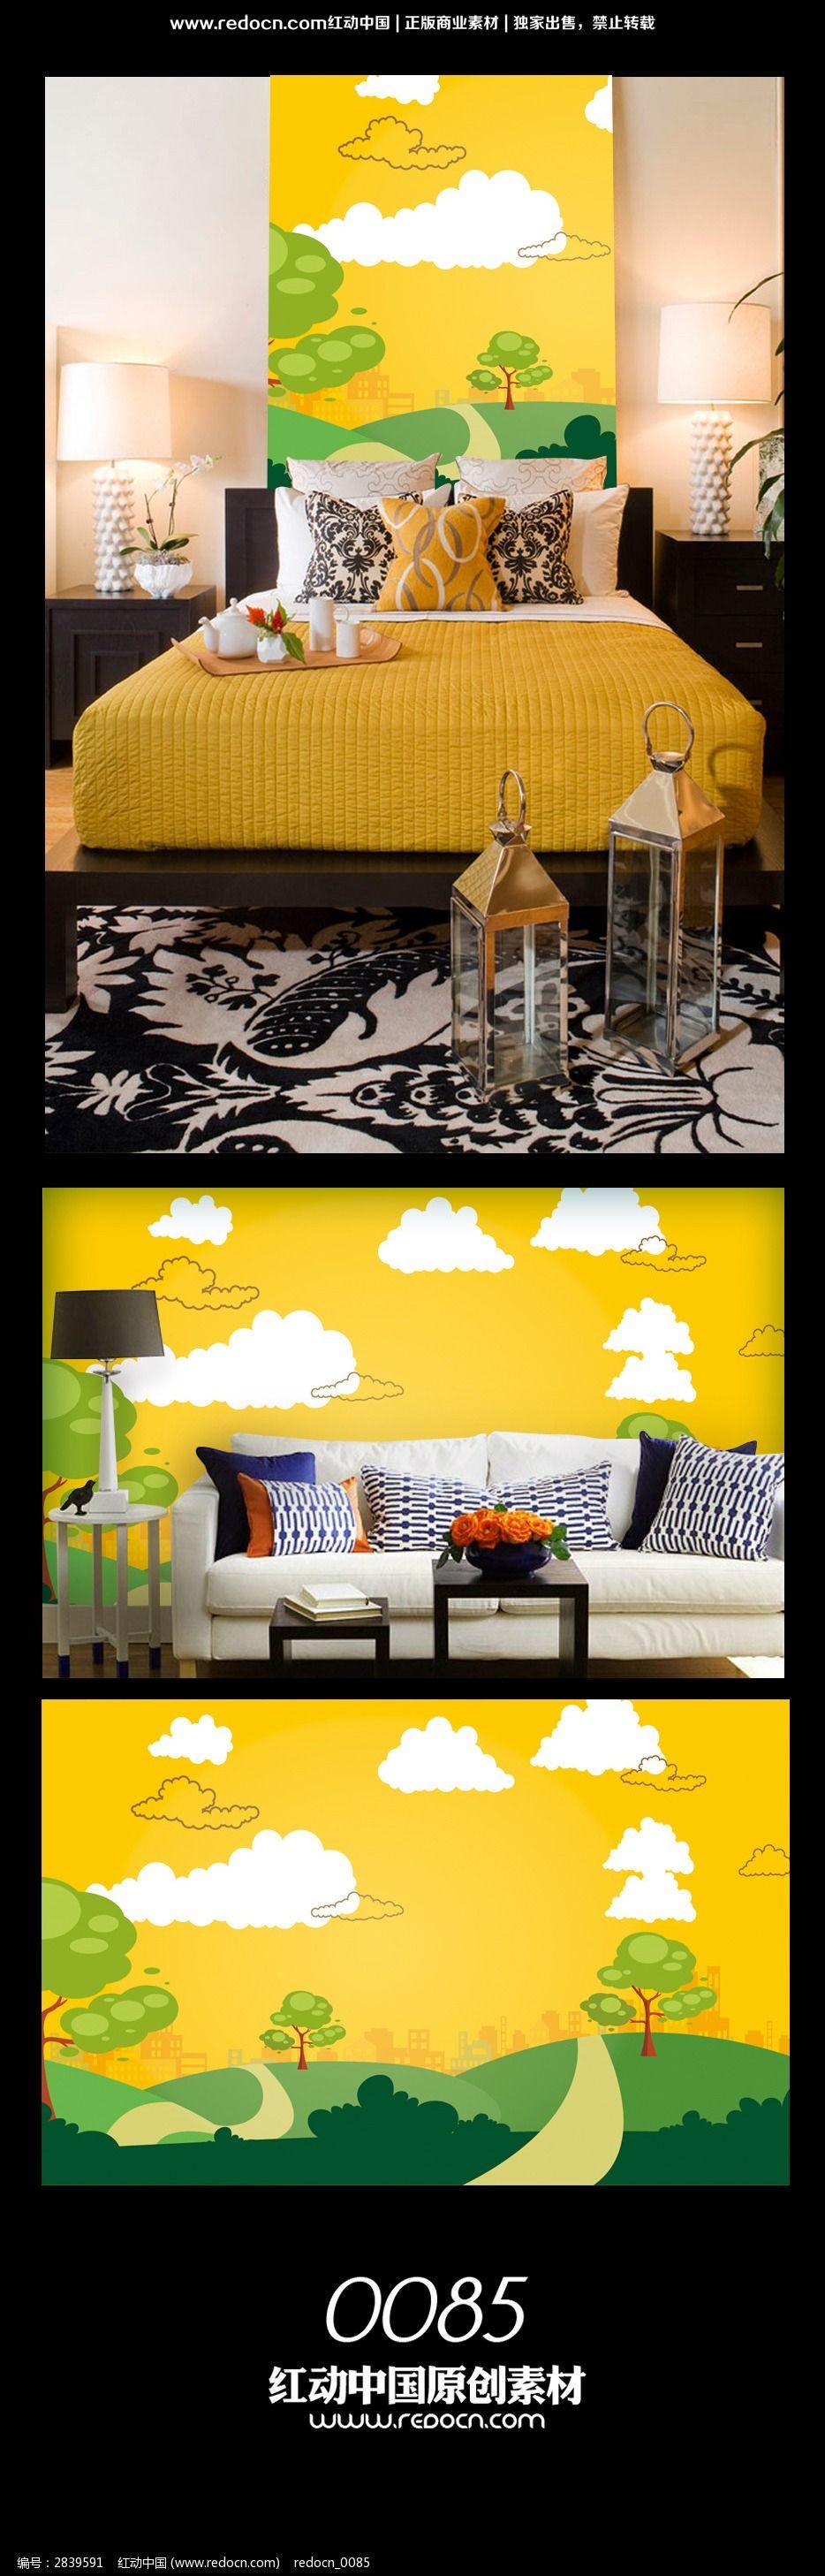 卡通风景背景墙图案设计图片